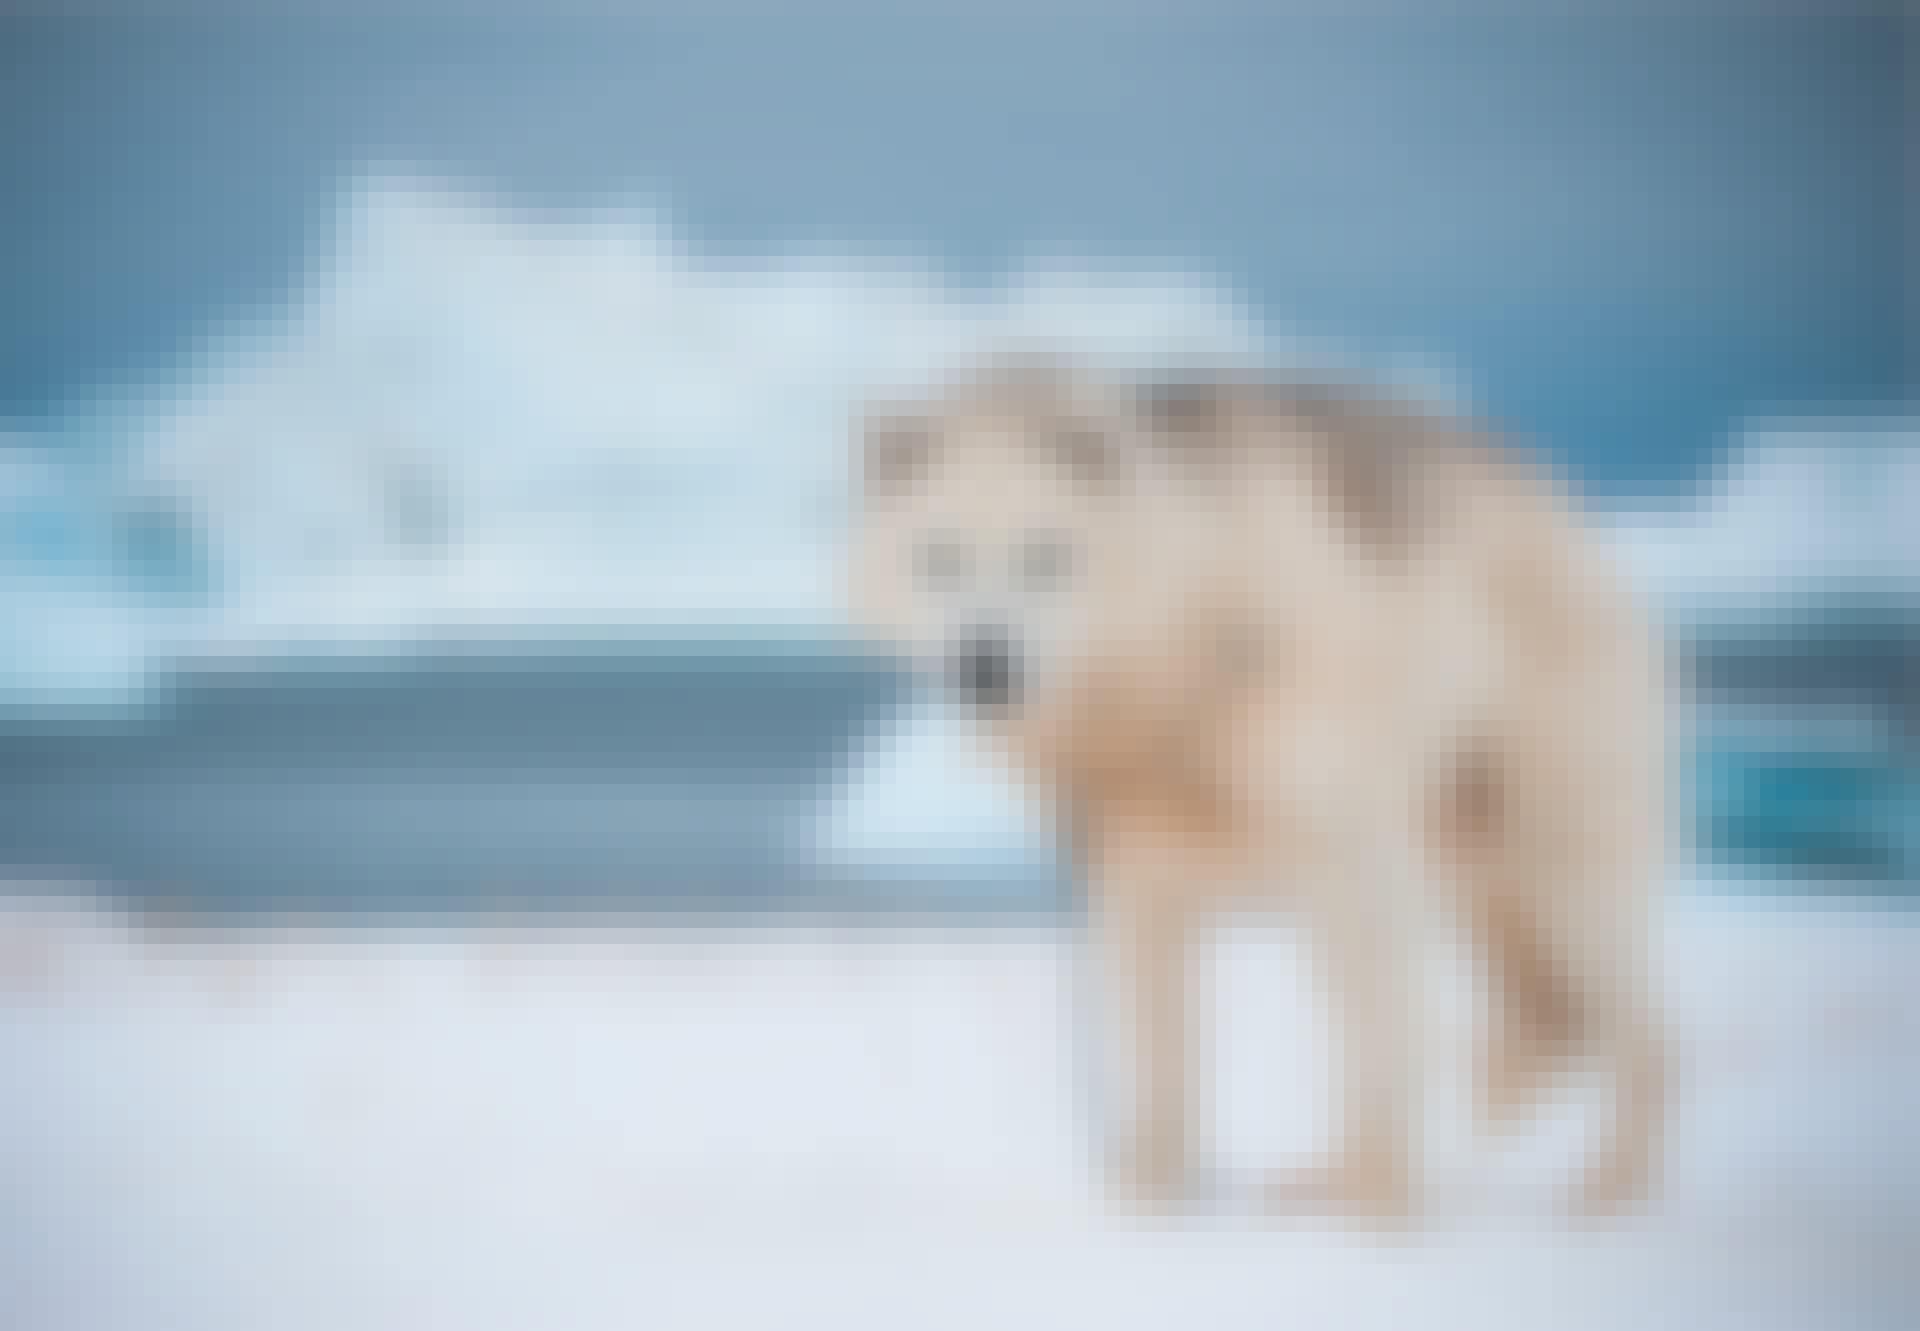 Slædehund, Grønland, oldgammel